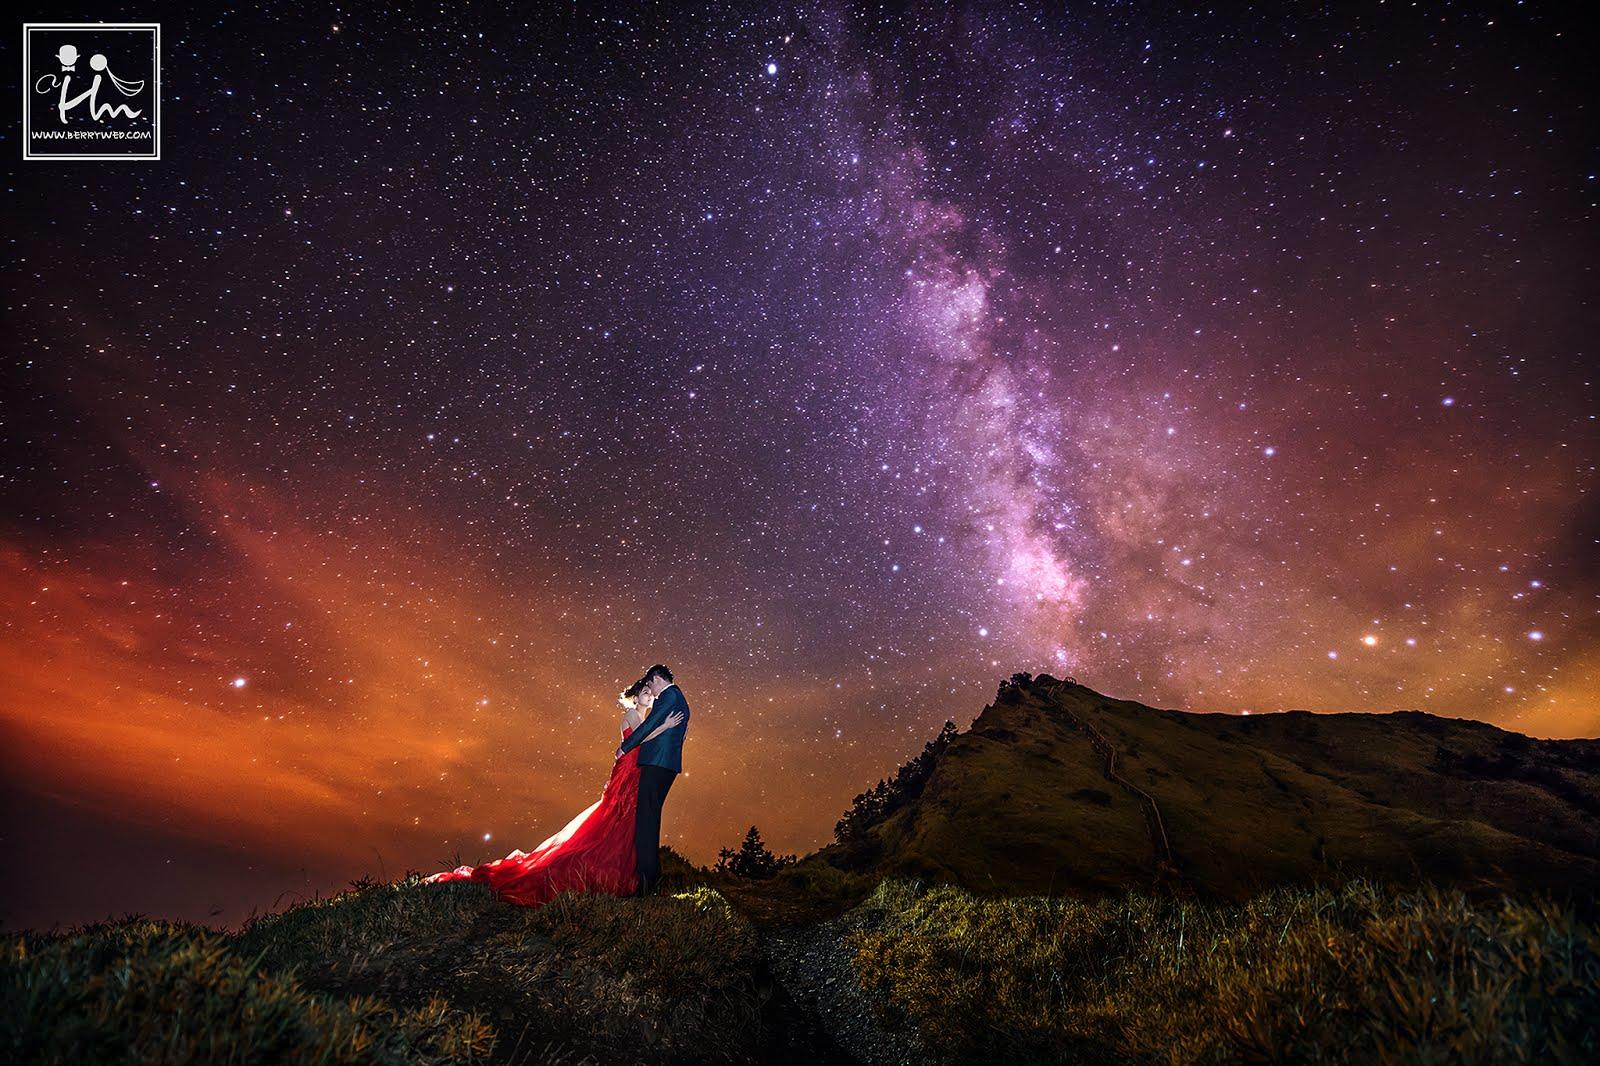 婚攝小紅莓/婚禮紀錄 / 婚禮攝影 / 自助婚紗 / 孕婦寫真/ 親子寫真